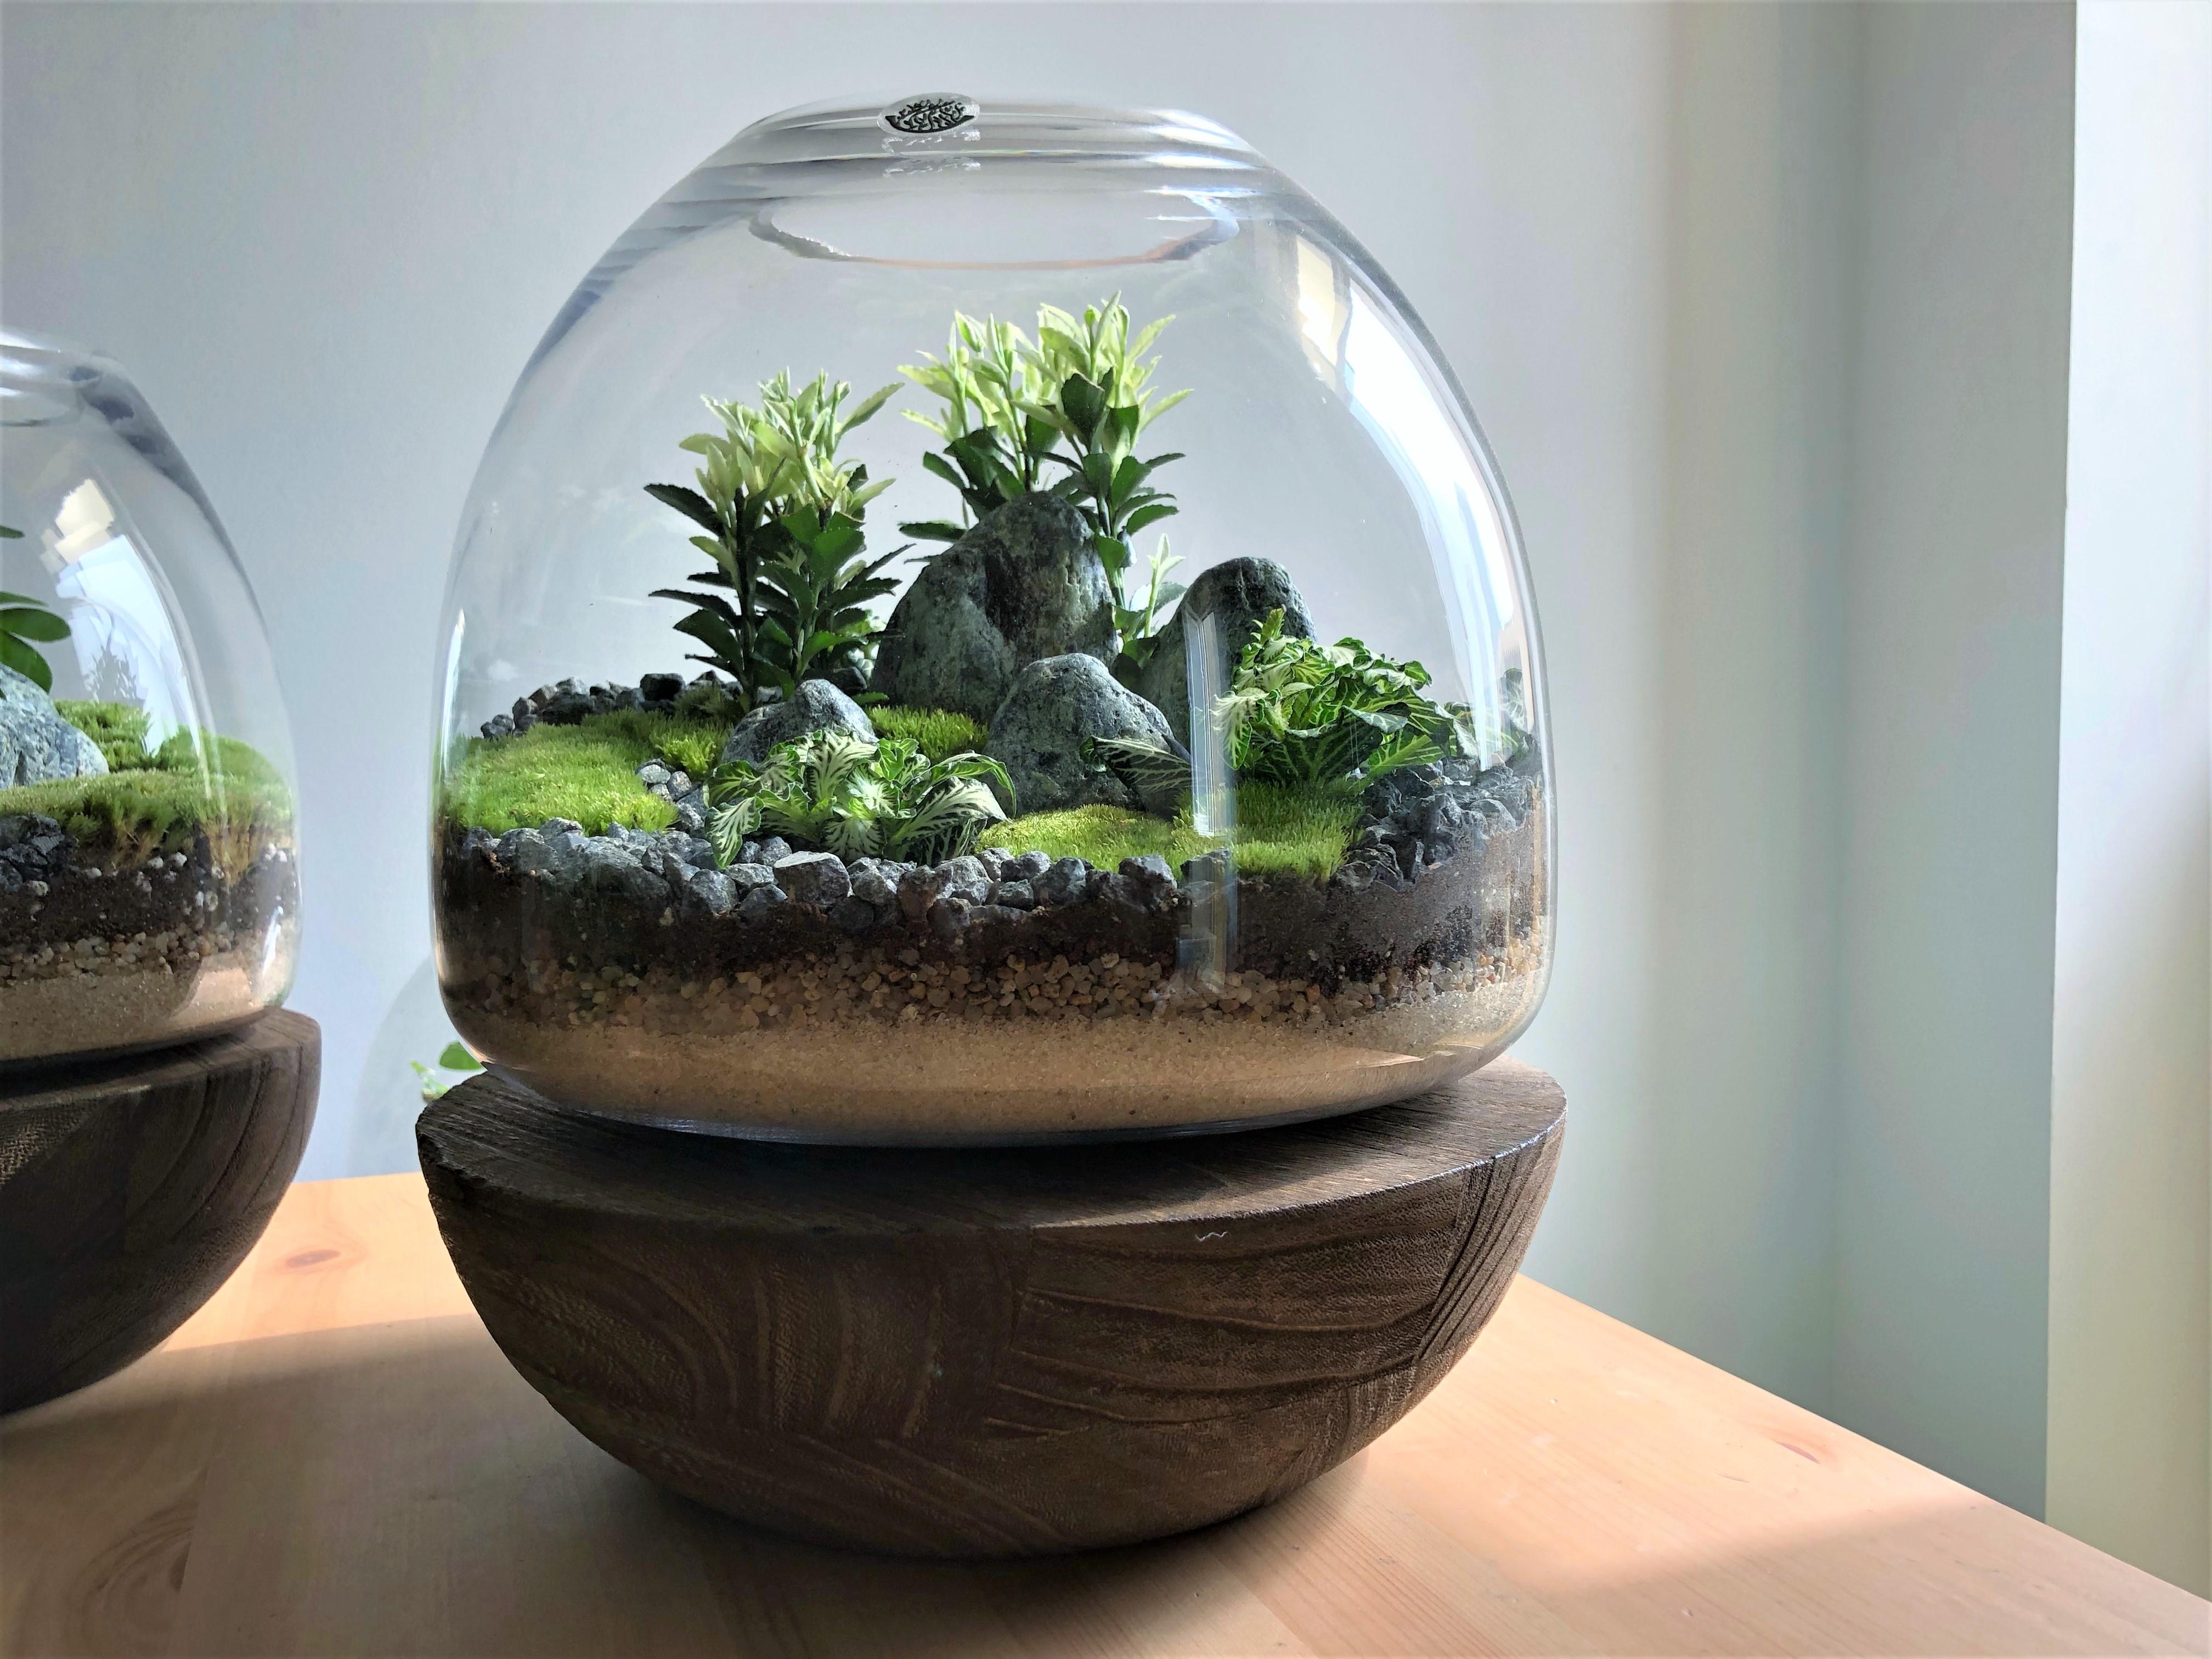 حوض زجاجي كبير بقاعدة خشبية  نباتات للمكاتب